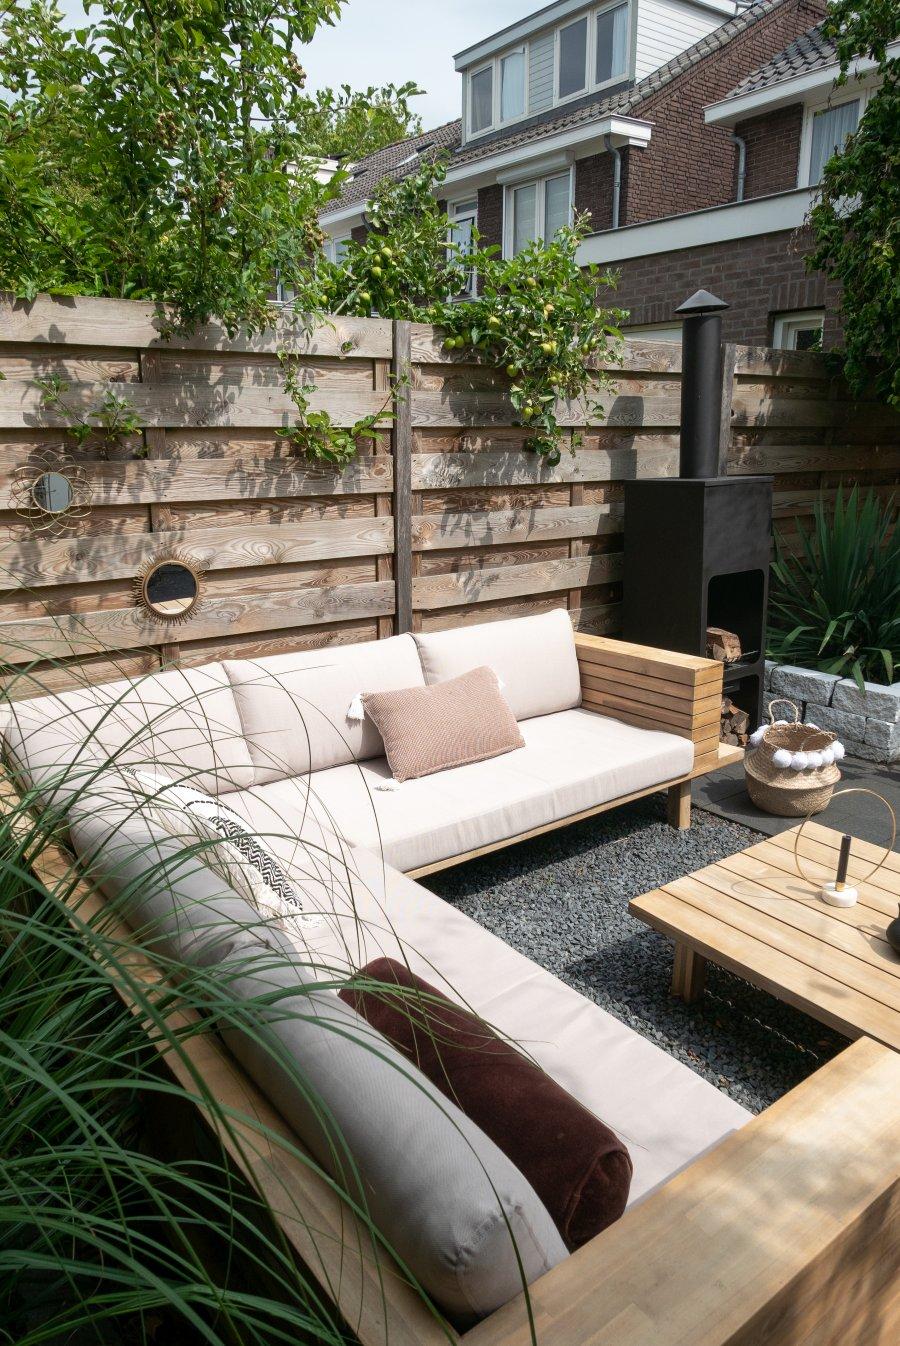 Mijn tuin make-over voor Karwei -   10 diy Interieur tuin ideas